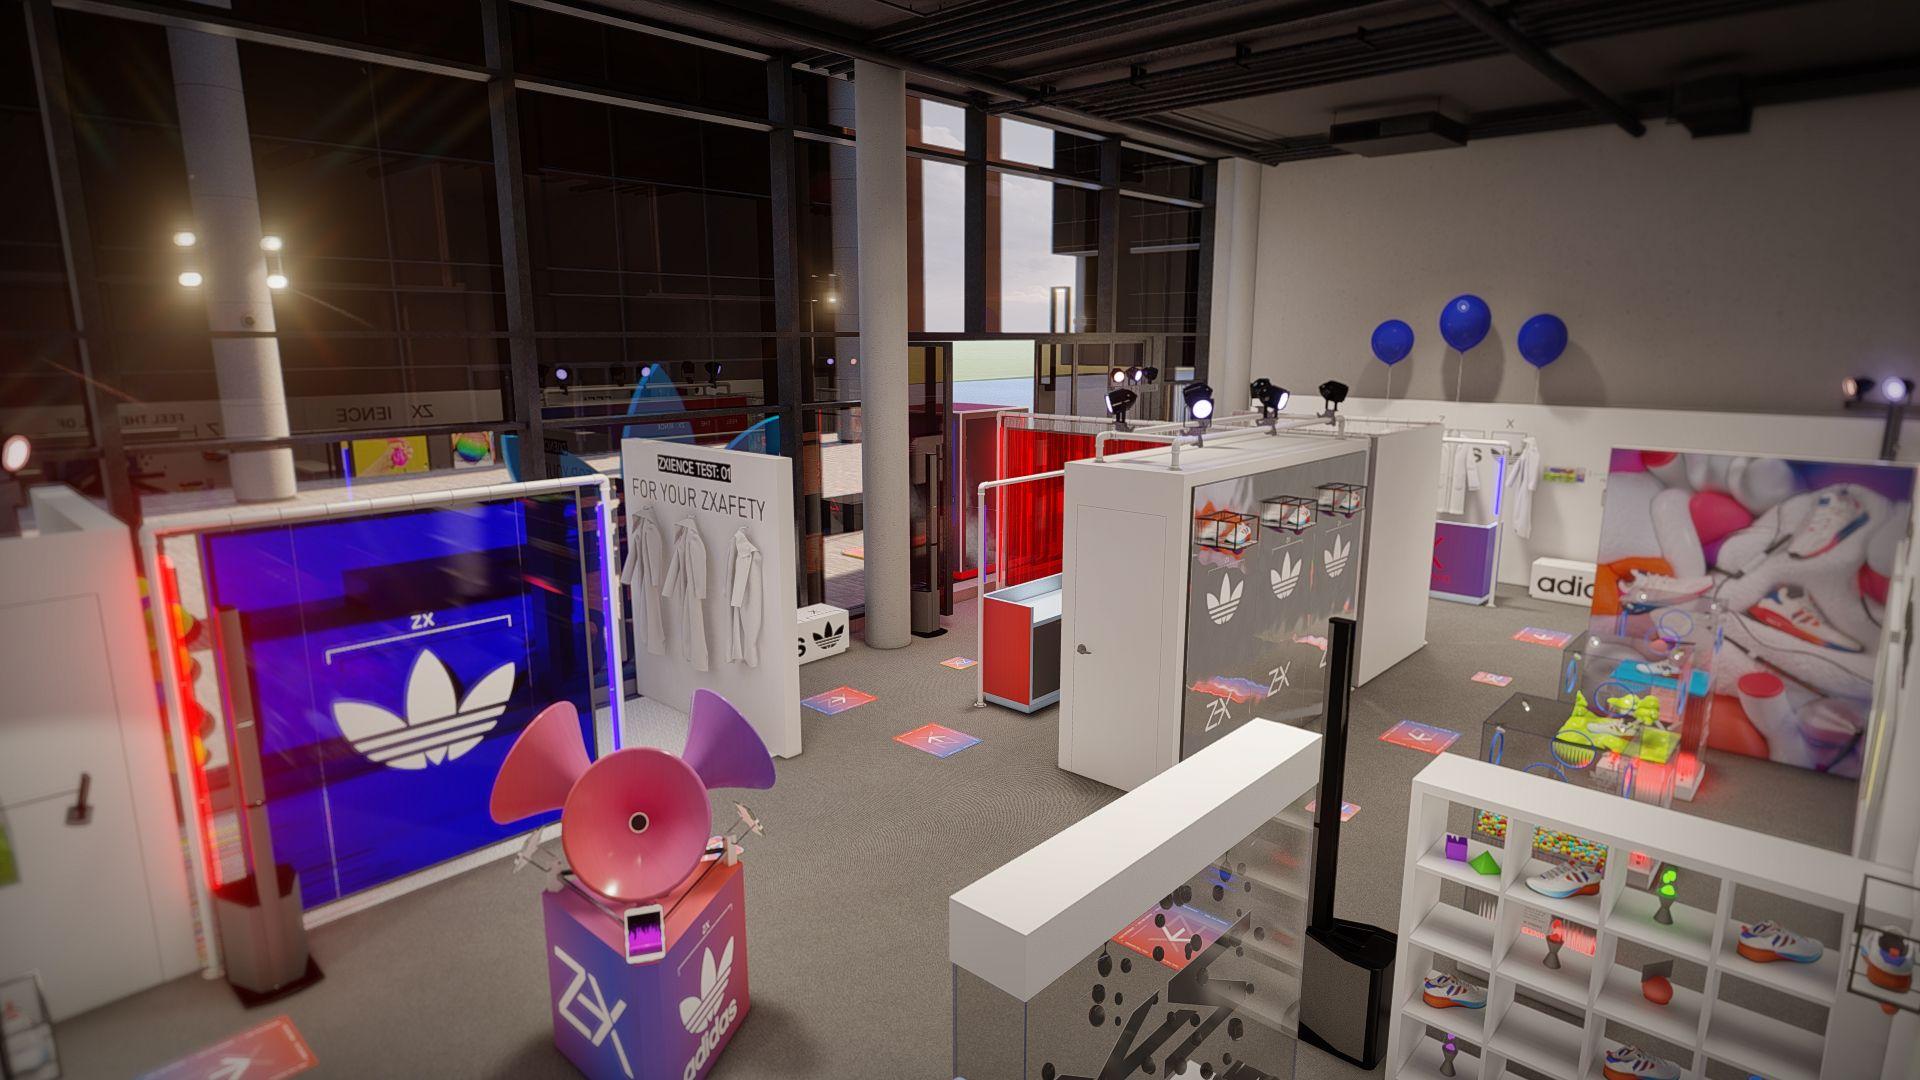 أديداس تفتتح متحفها المصغّر Oddly ZXatisfyingفي حي دبي للتصميم